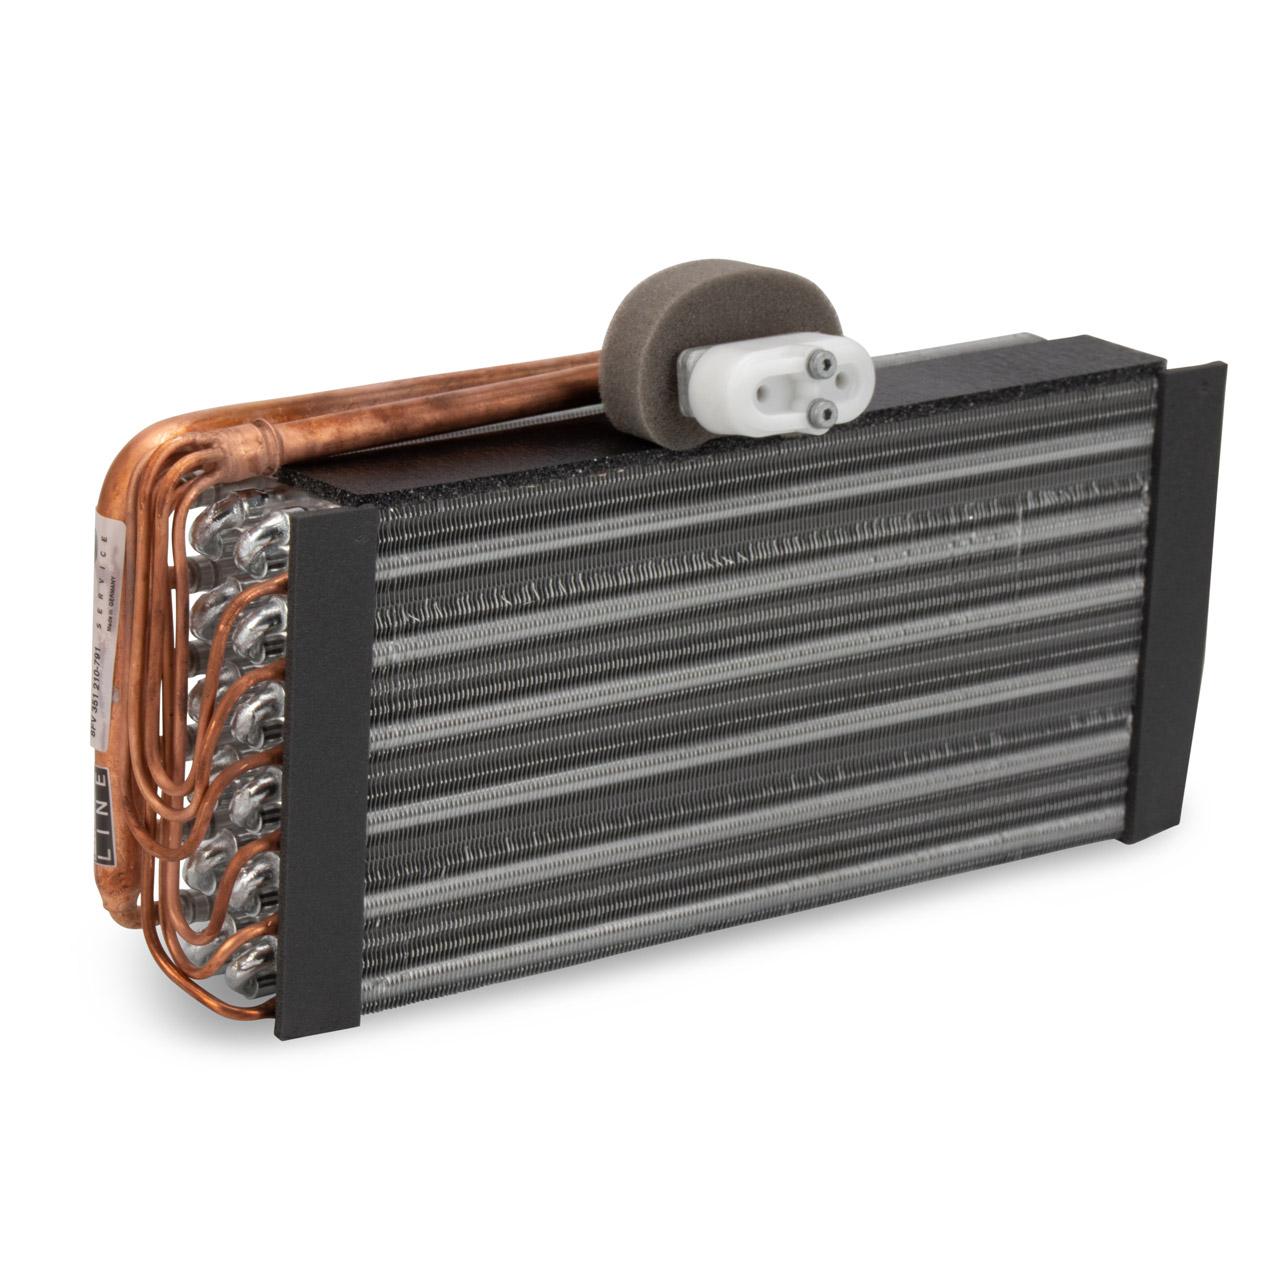 MAHLE Verdampfer Klimaanlage PORSCHE 964 993 Carrera / Turbo 96457390100